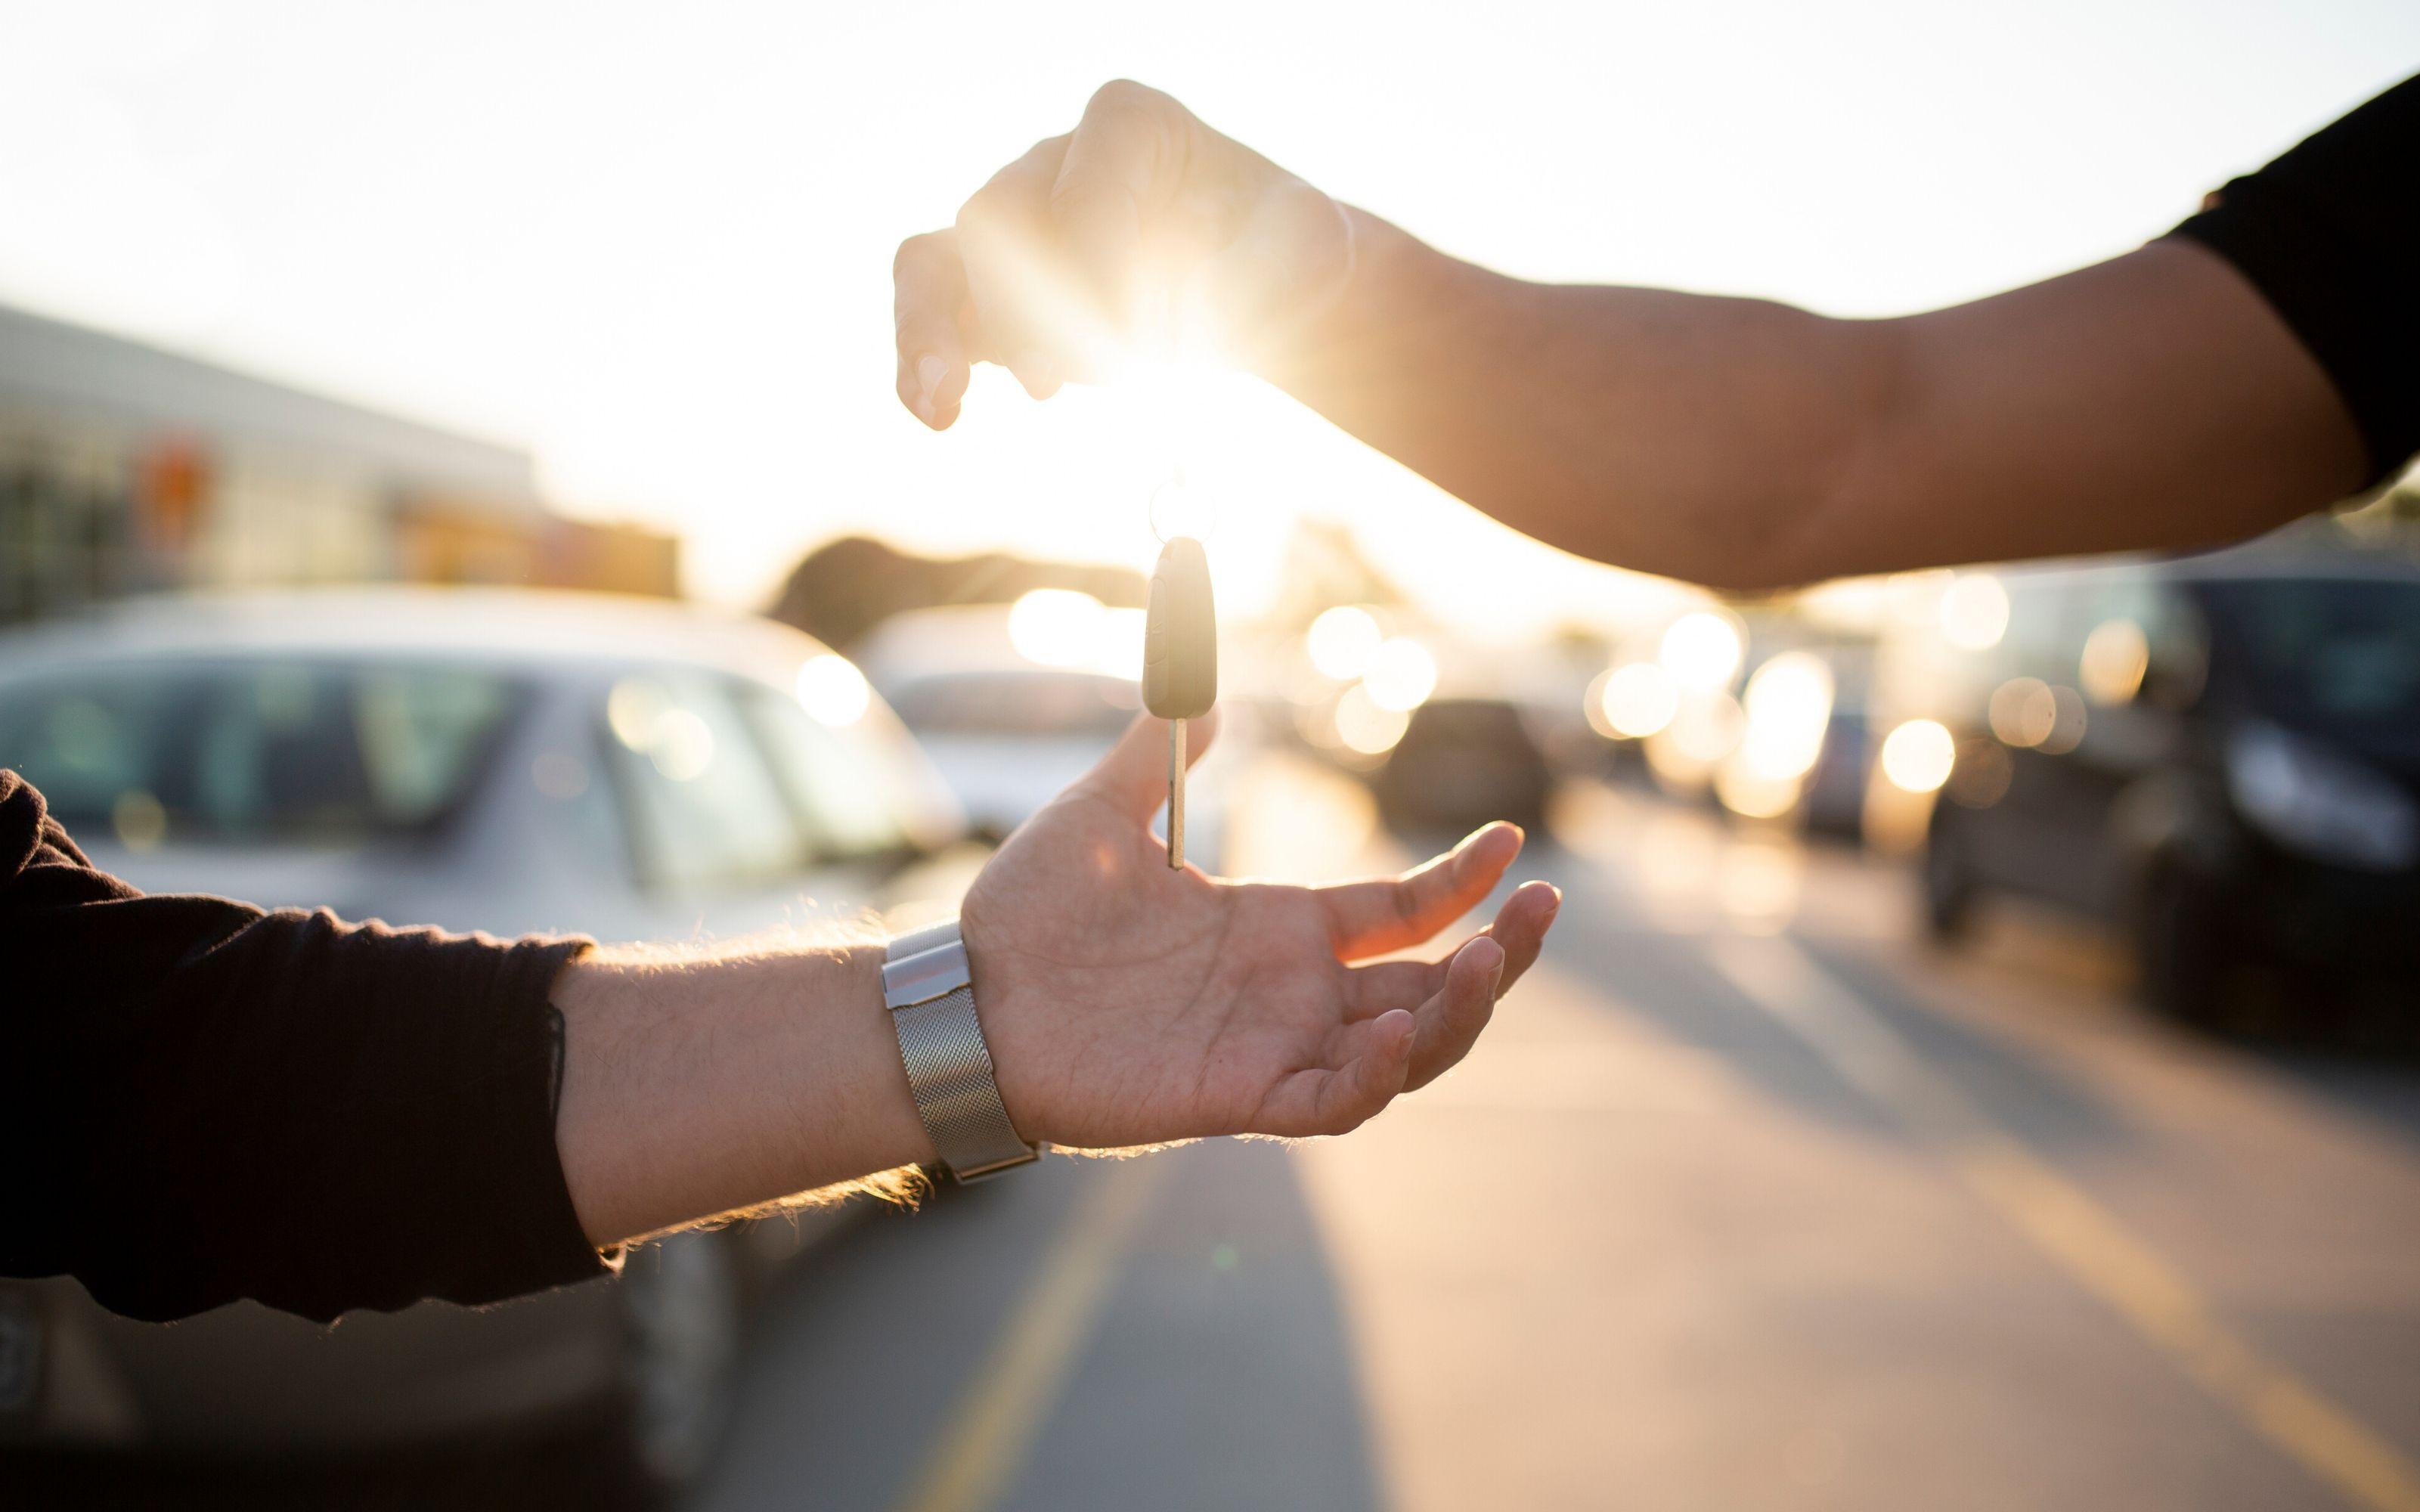 Déclaration d'achat d'une voiture